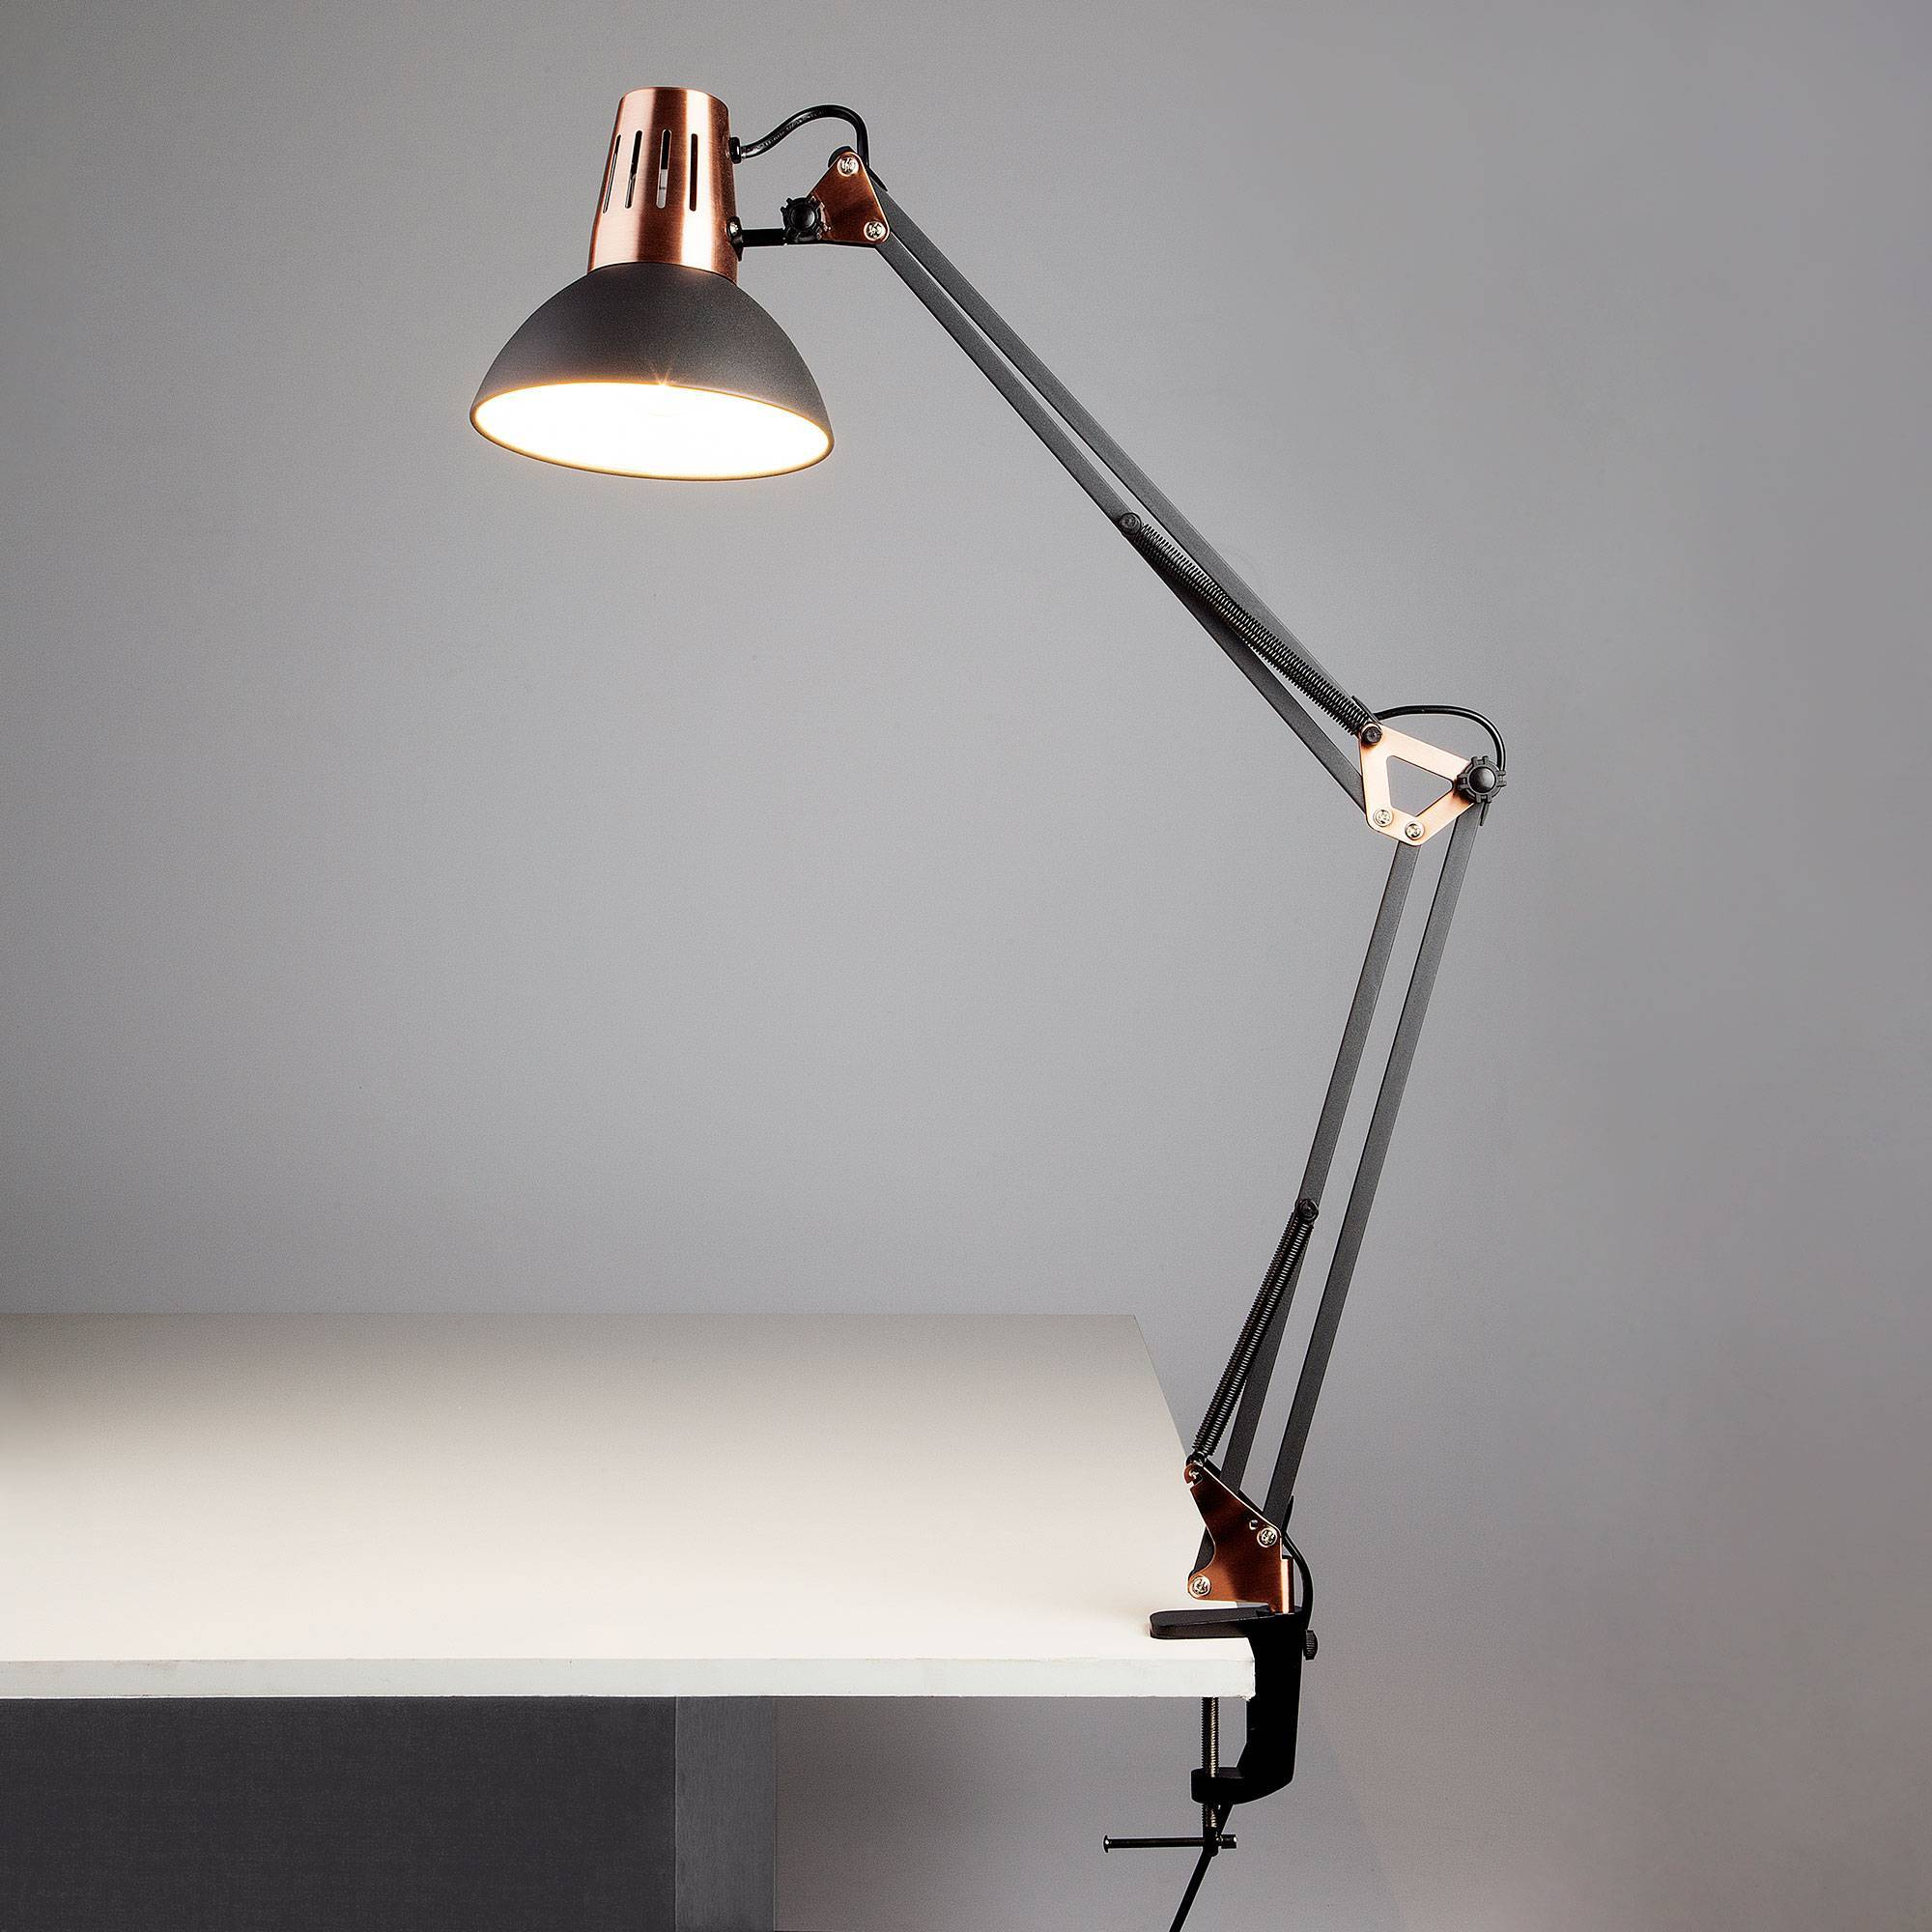 Как выбрать настольную лампу для школьника, офиса и работы?